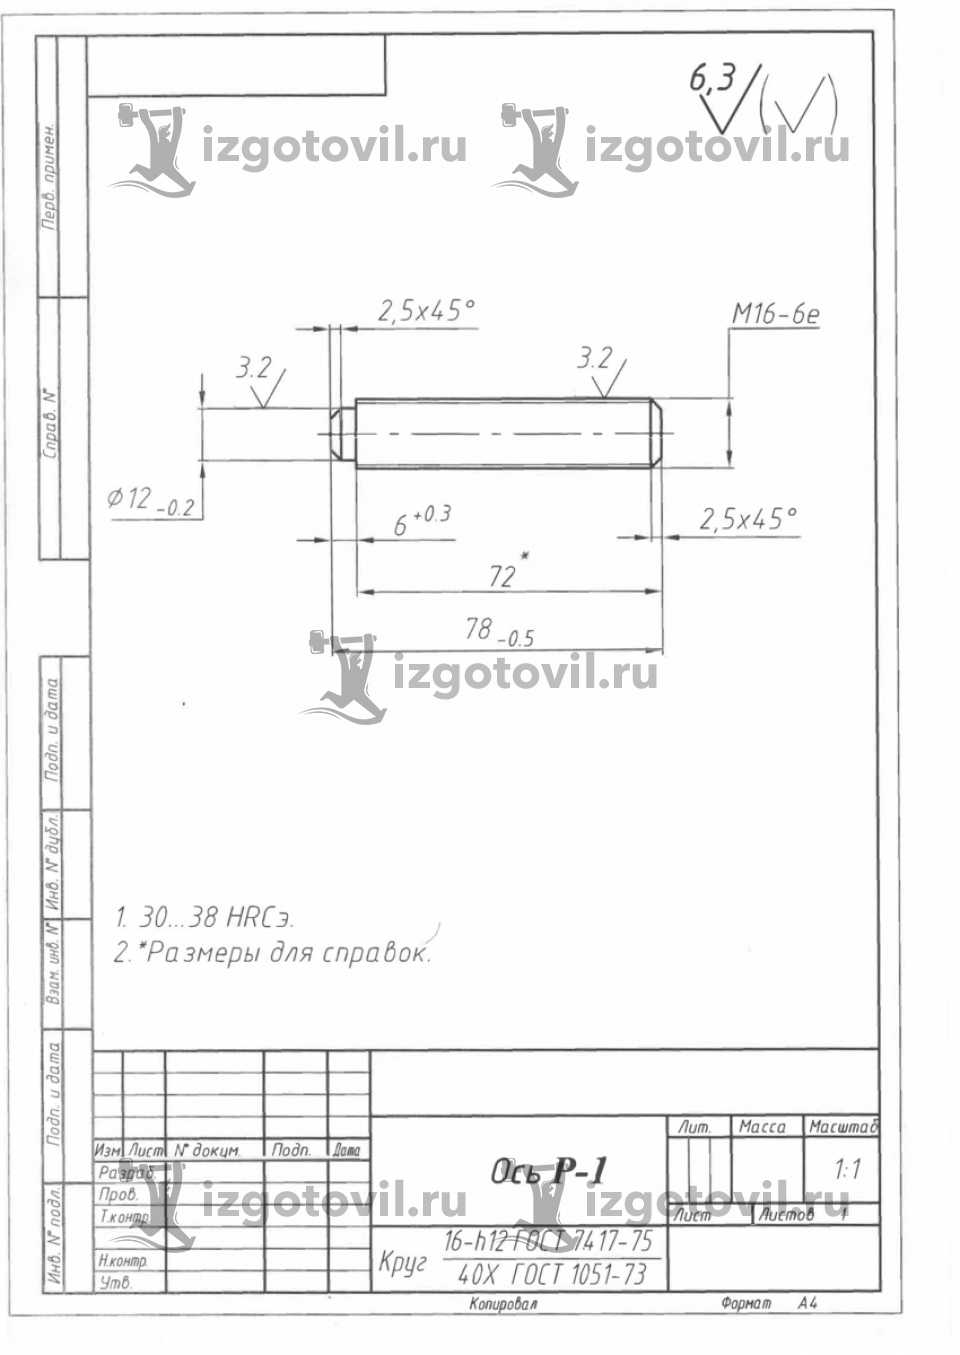 Токарная обработка деталей - изготовить шпильки